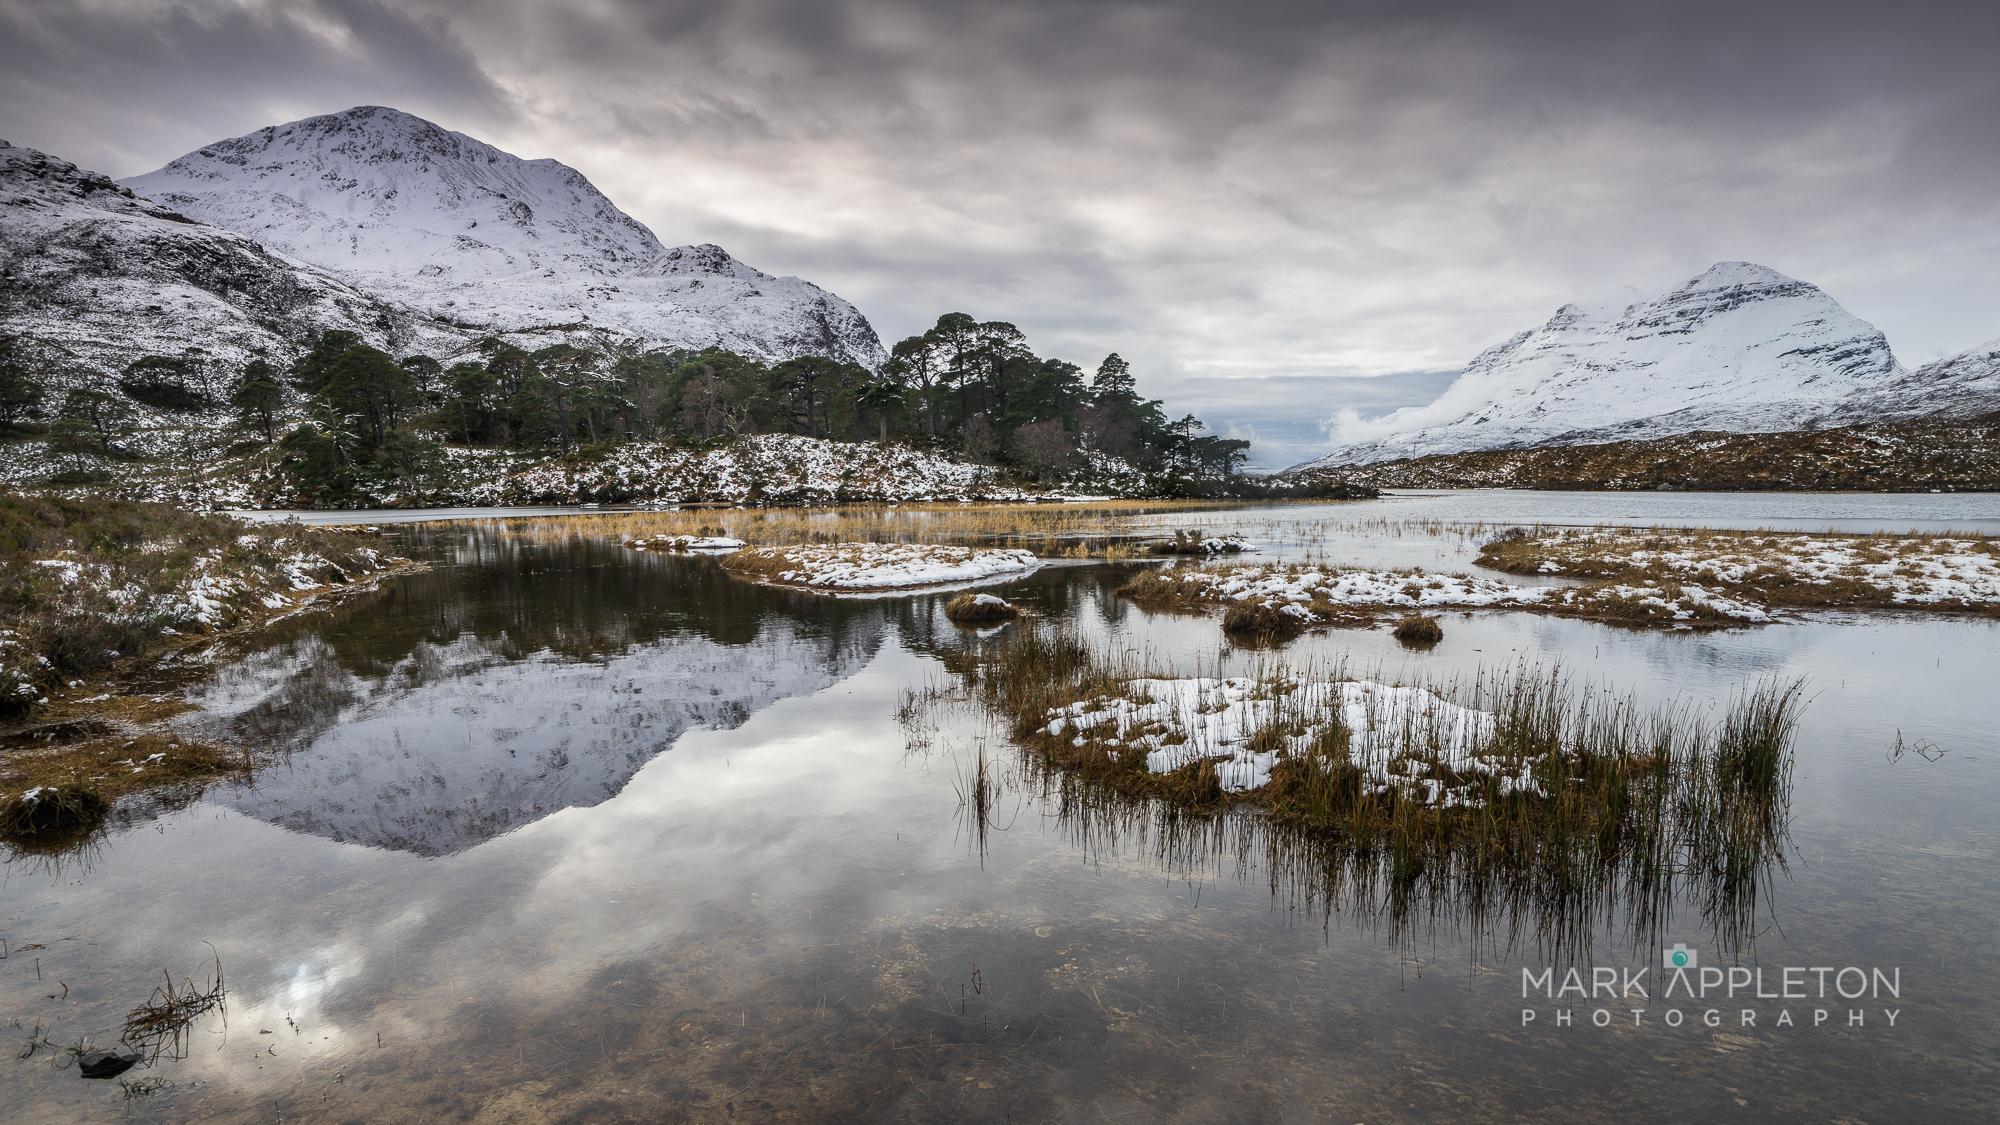 Loch Clair, Sgurr Dubh, Liathach